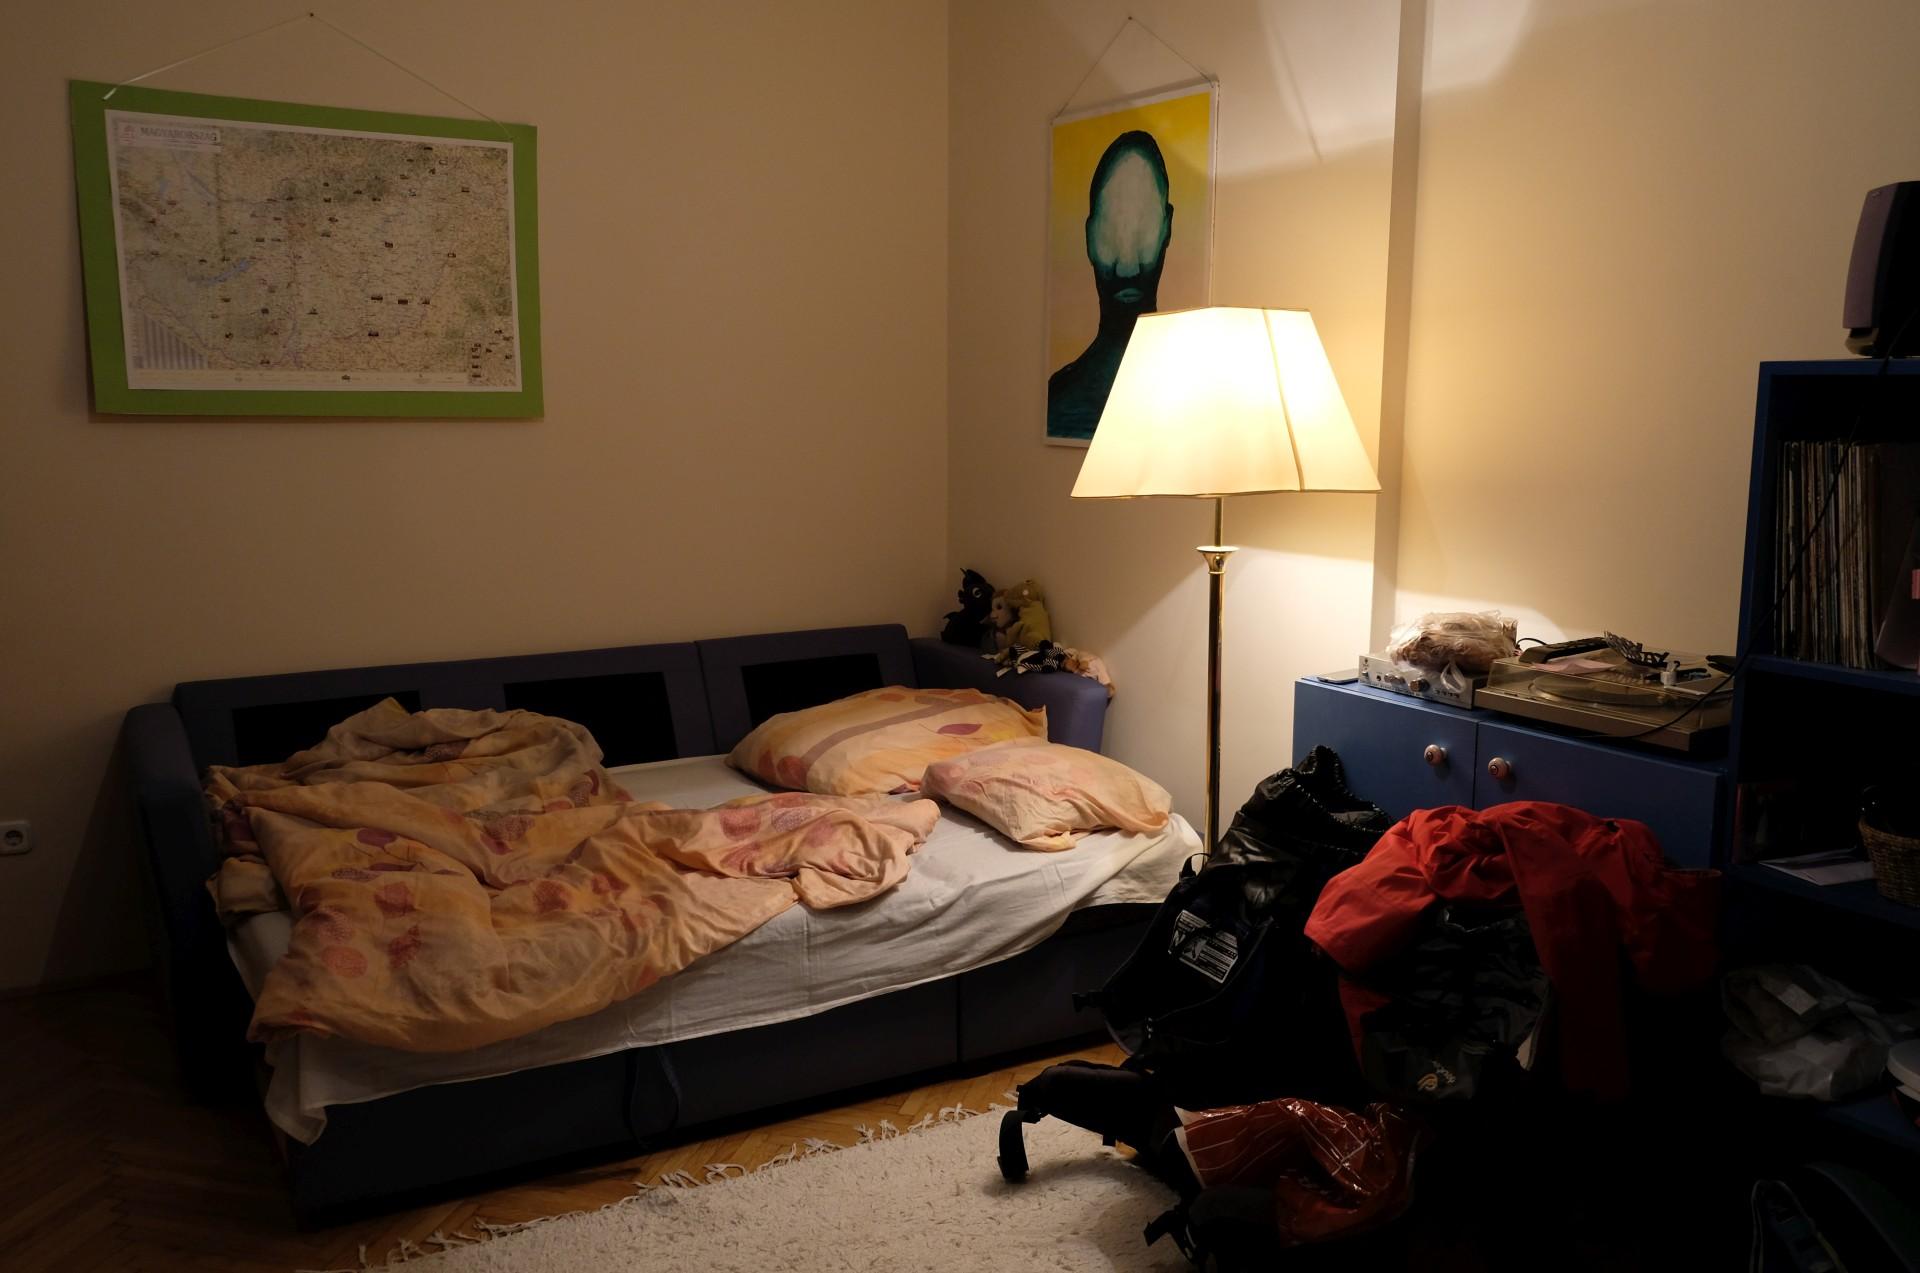 Eine Schlafcouch im Wohnzimmer